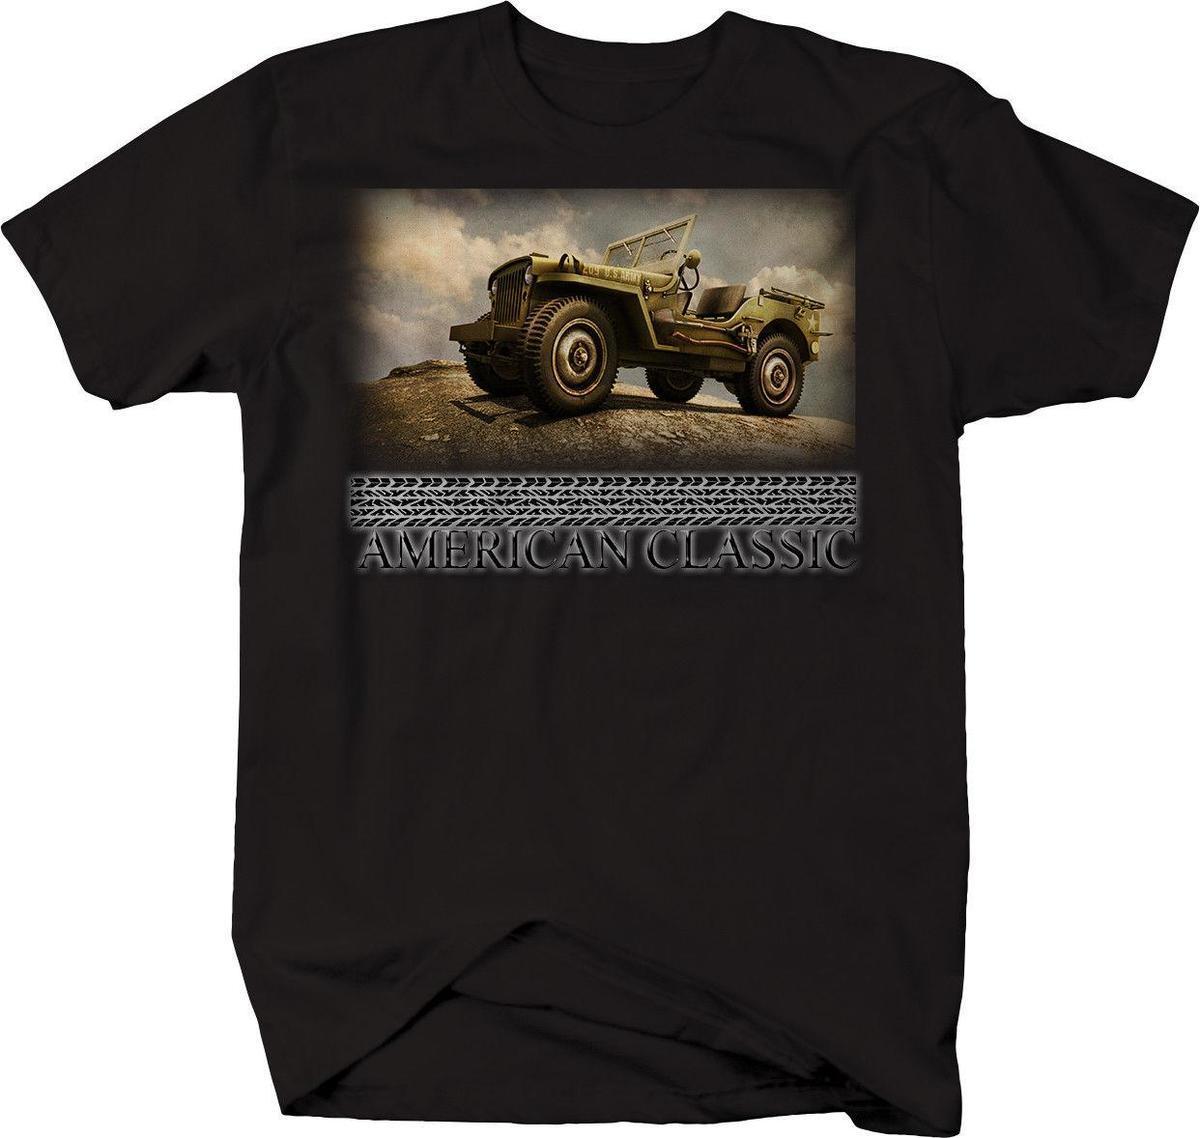 Enfants Garçons Filles Américain Jeep T-shirt Armée Américaine Usa Militaire T-shirts, Hauts